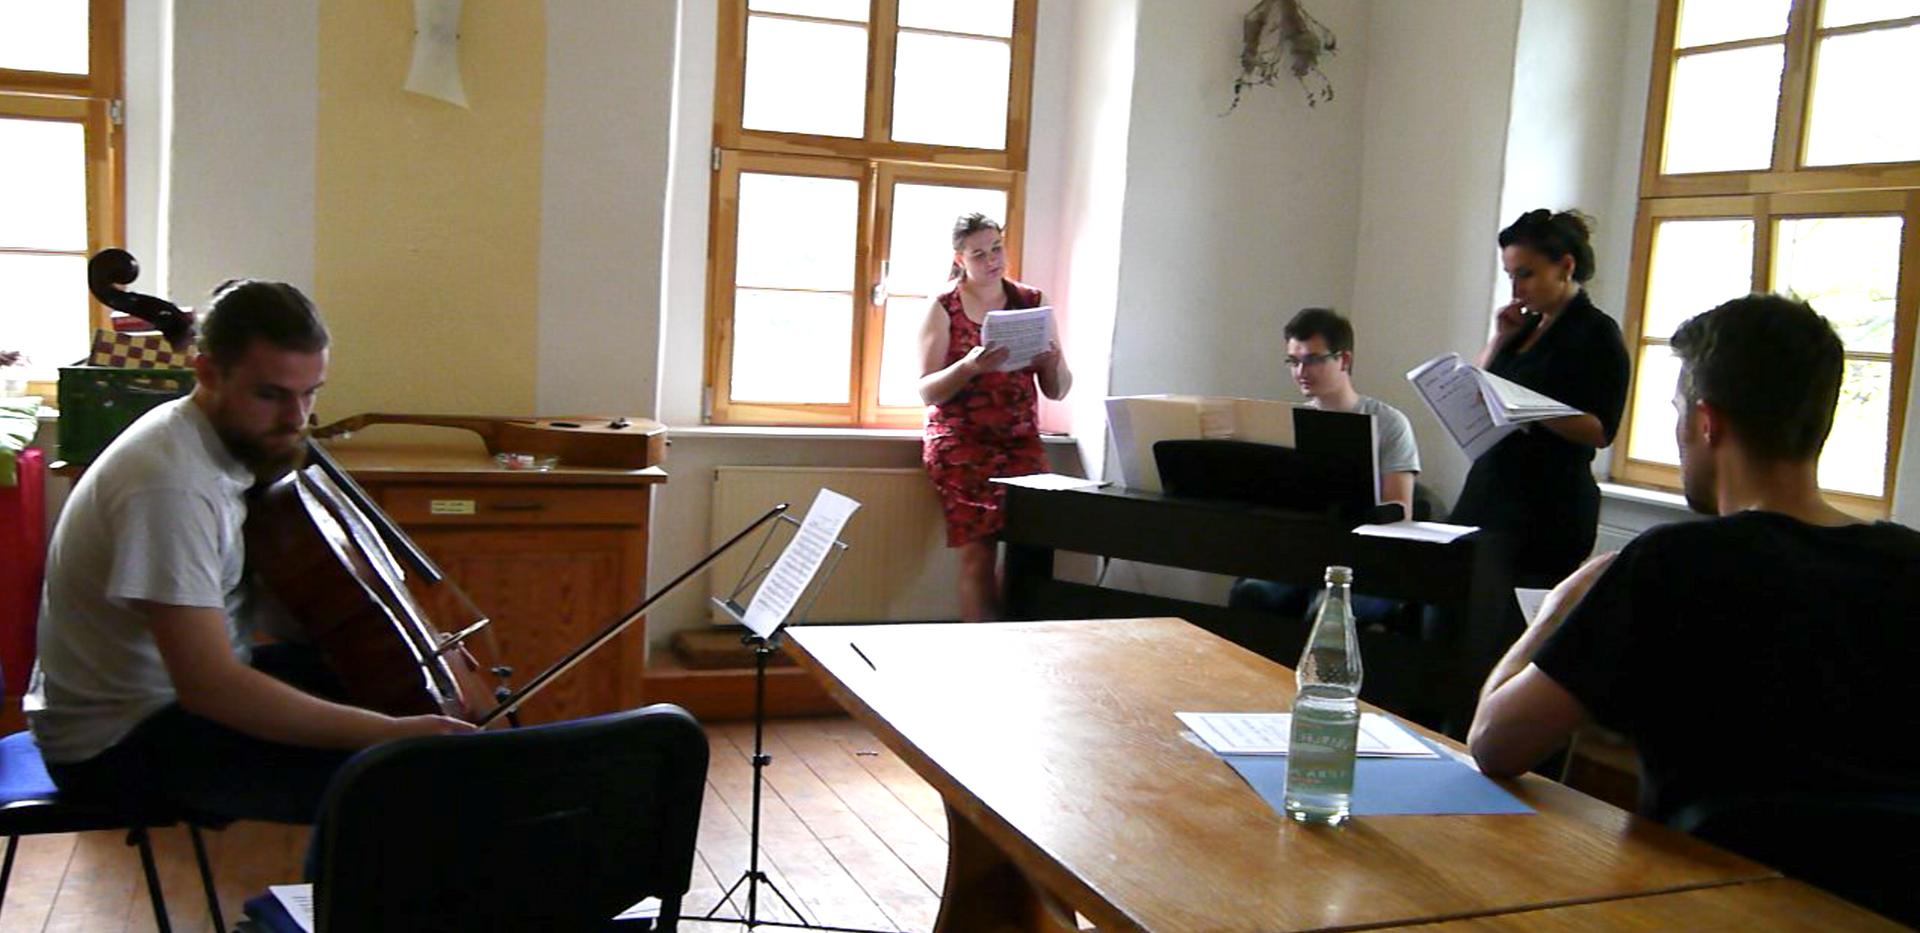 Workshop in Hochkirch